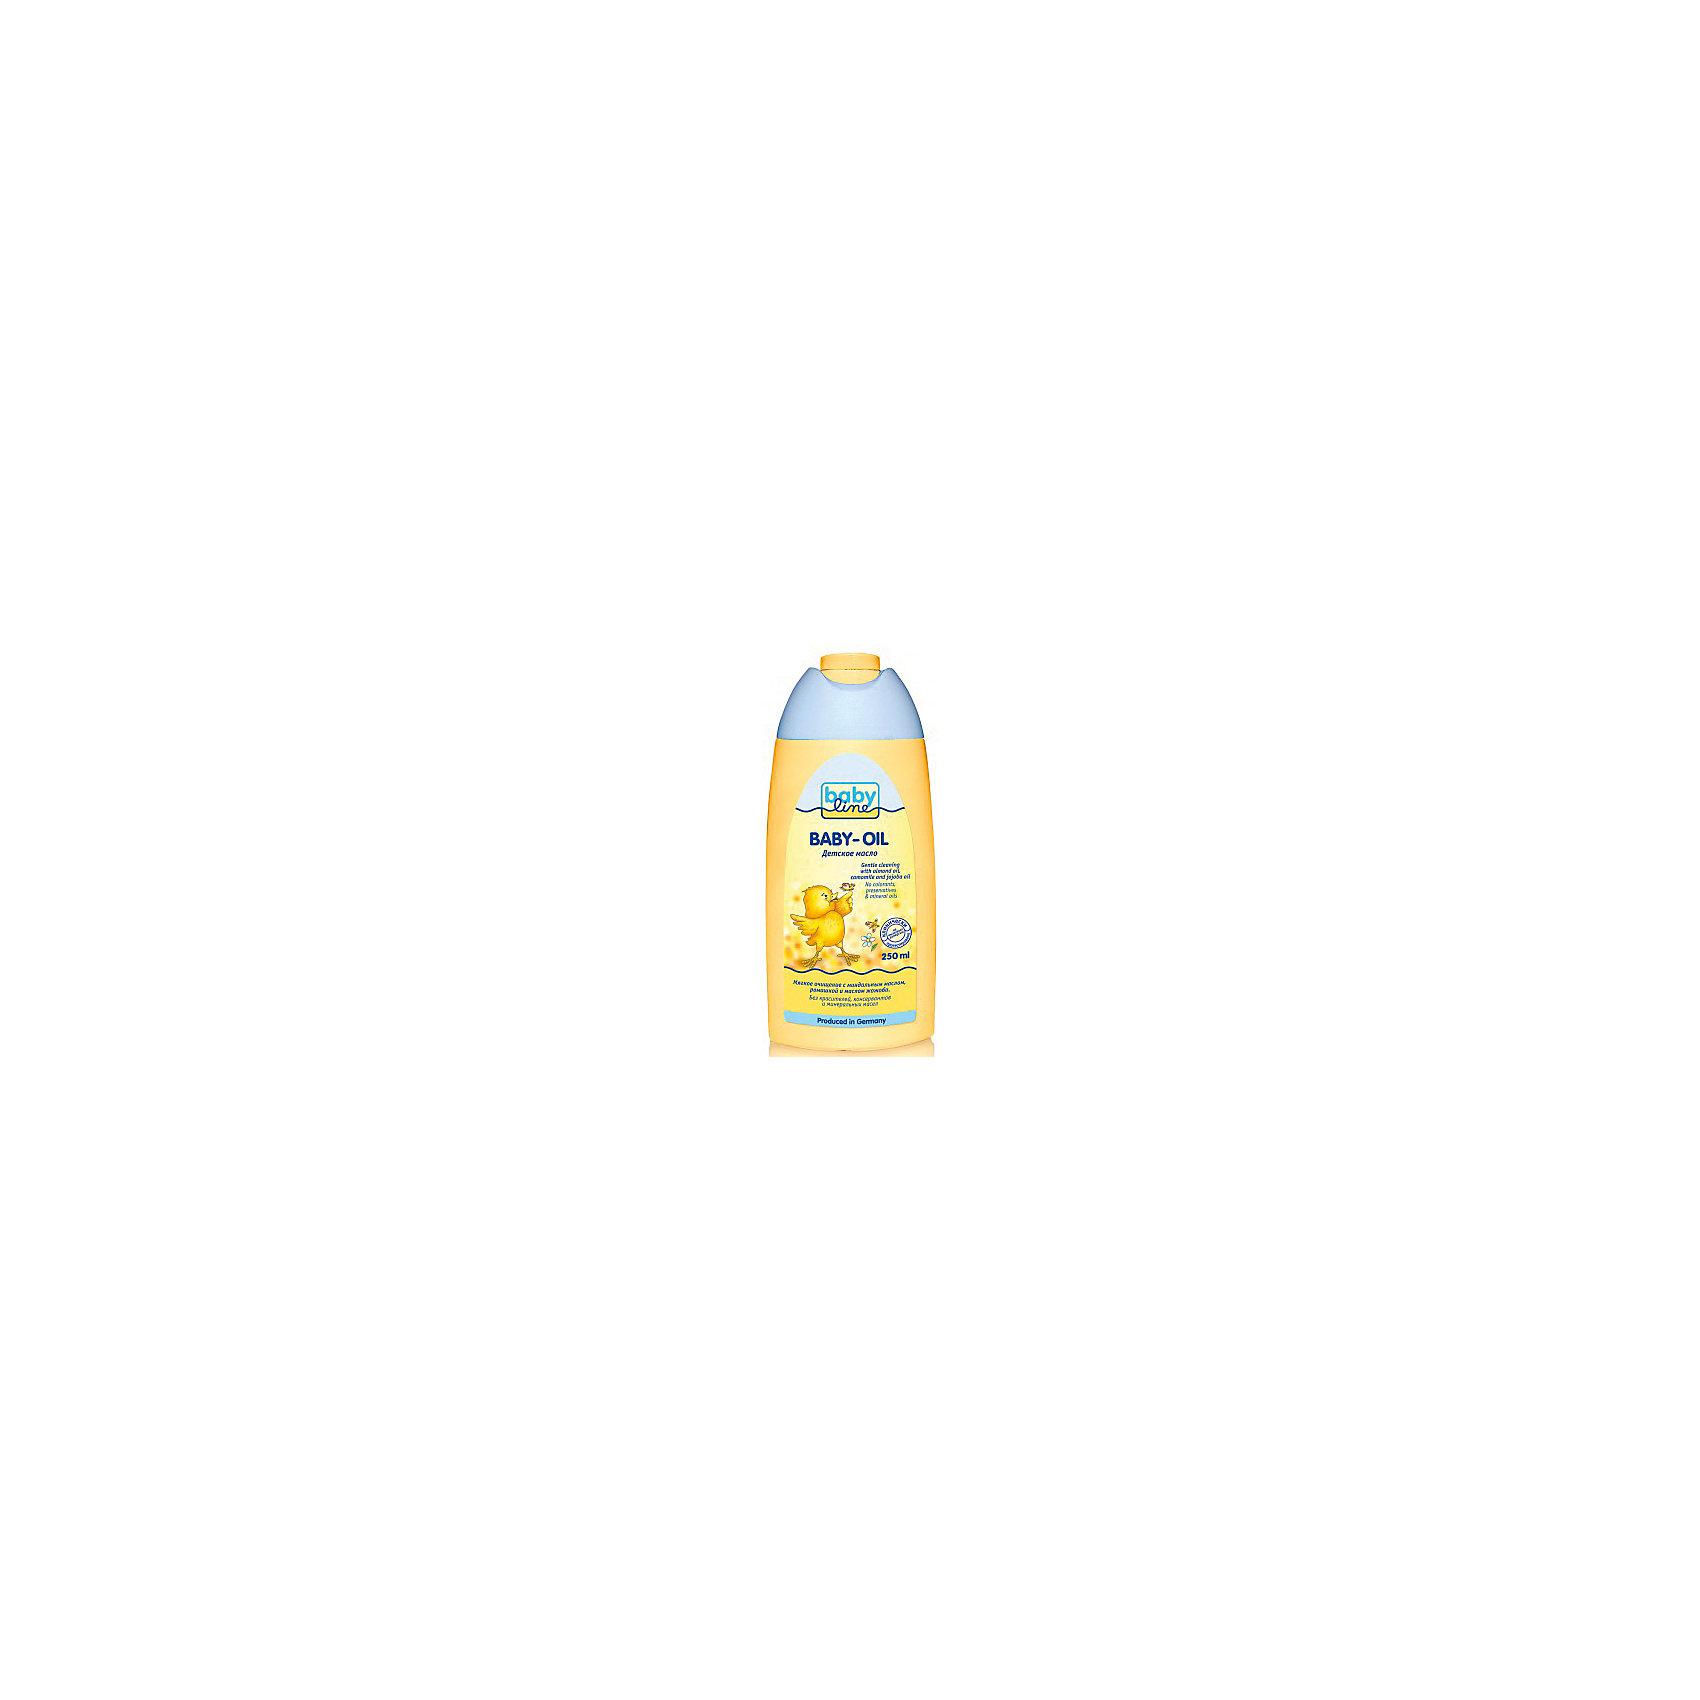 Babyline Детское масло, Babyline, 250 мл. babyline детская пенка для умывания лица рук и тела 250 мл